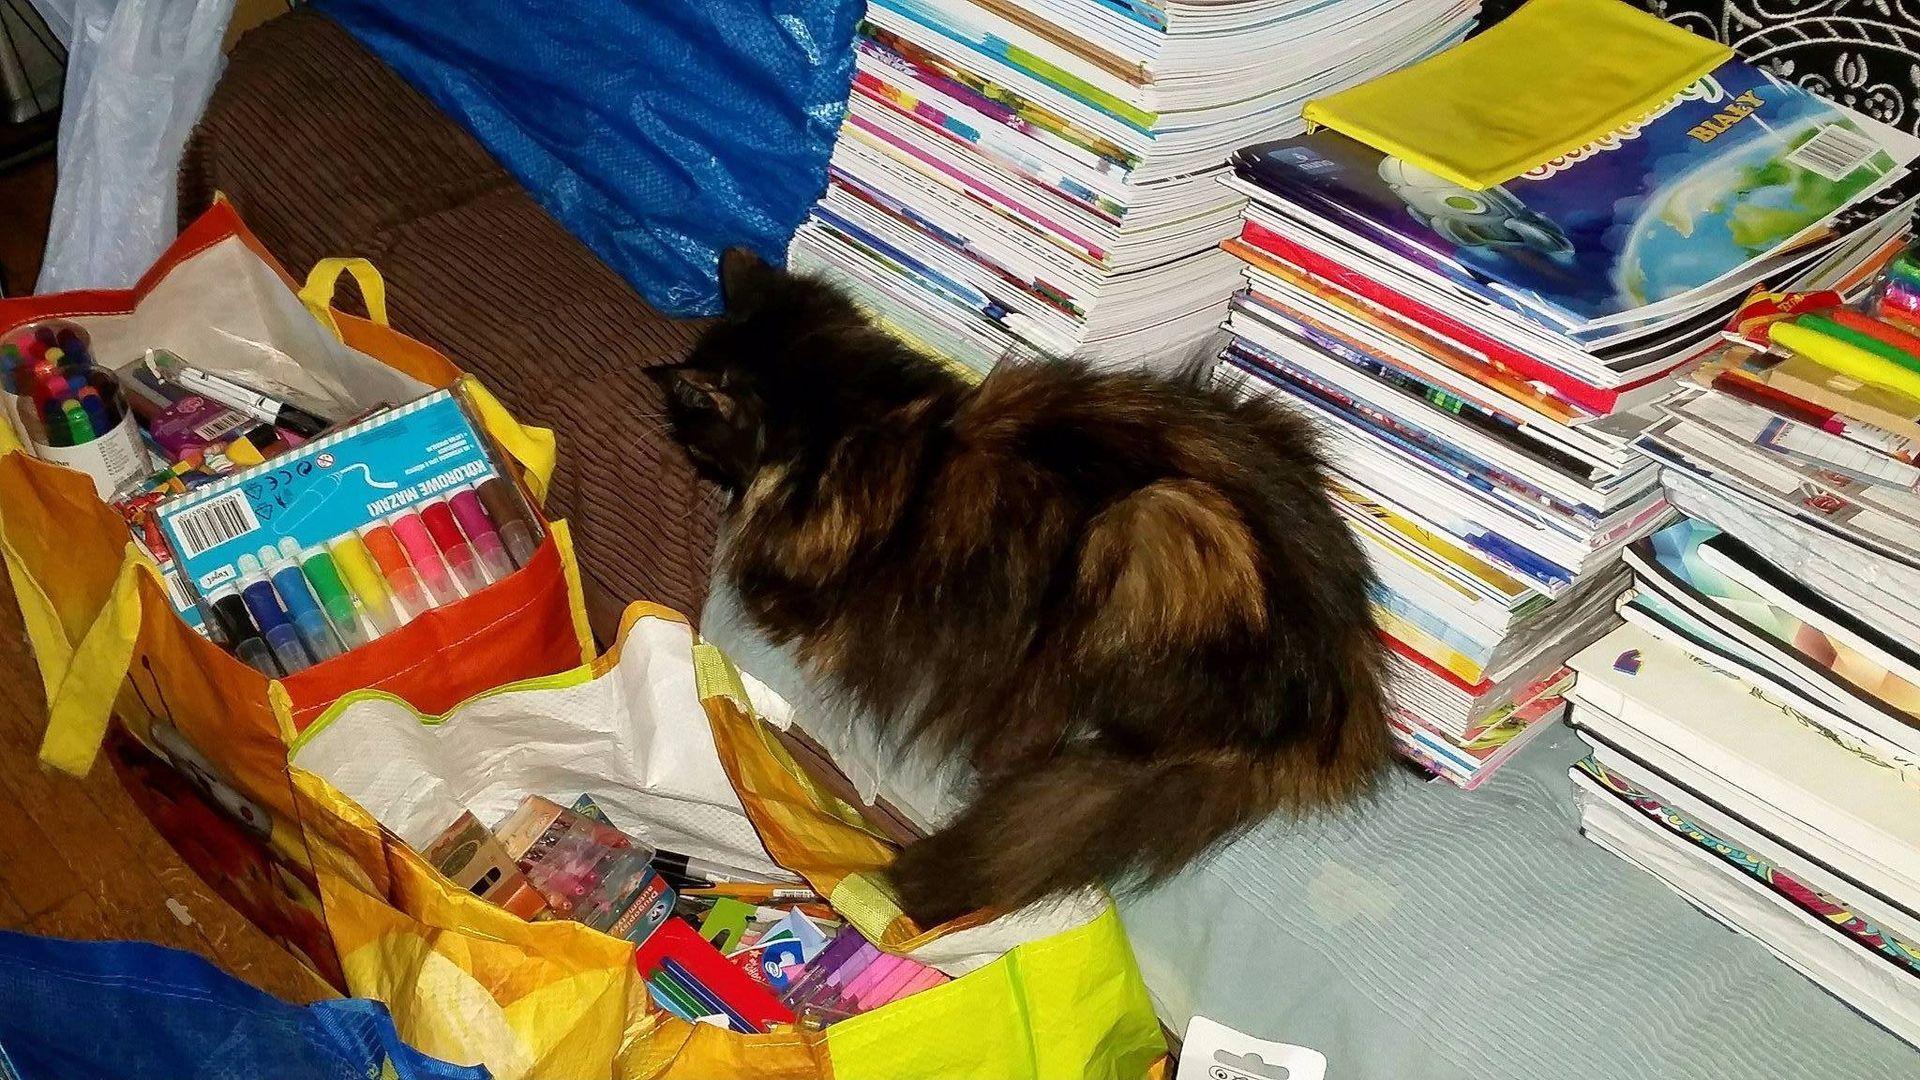 Kot w mieszkaniu Natalii Gebert po zbiórce artykułów szkolnych w 2017 r. Zdjęcie: Natalia Gebert